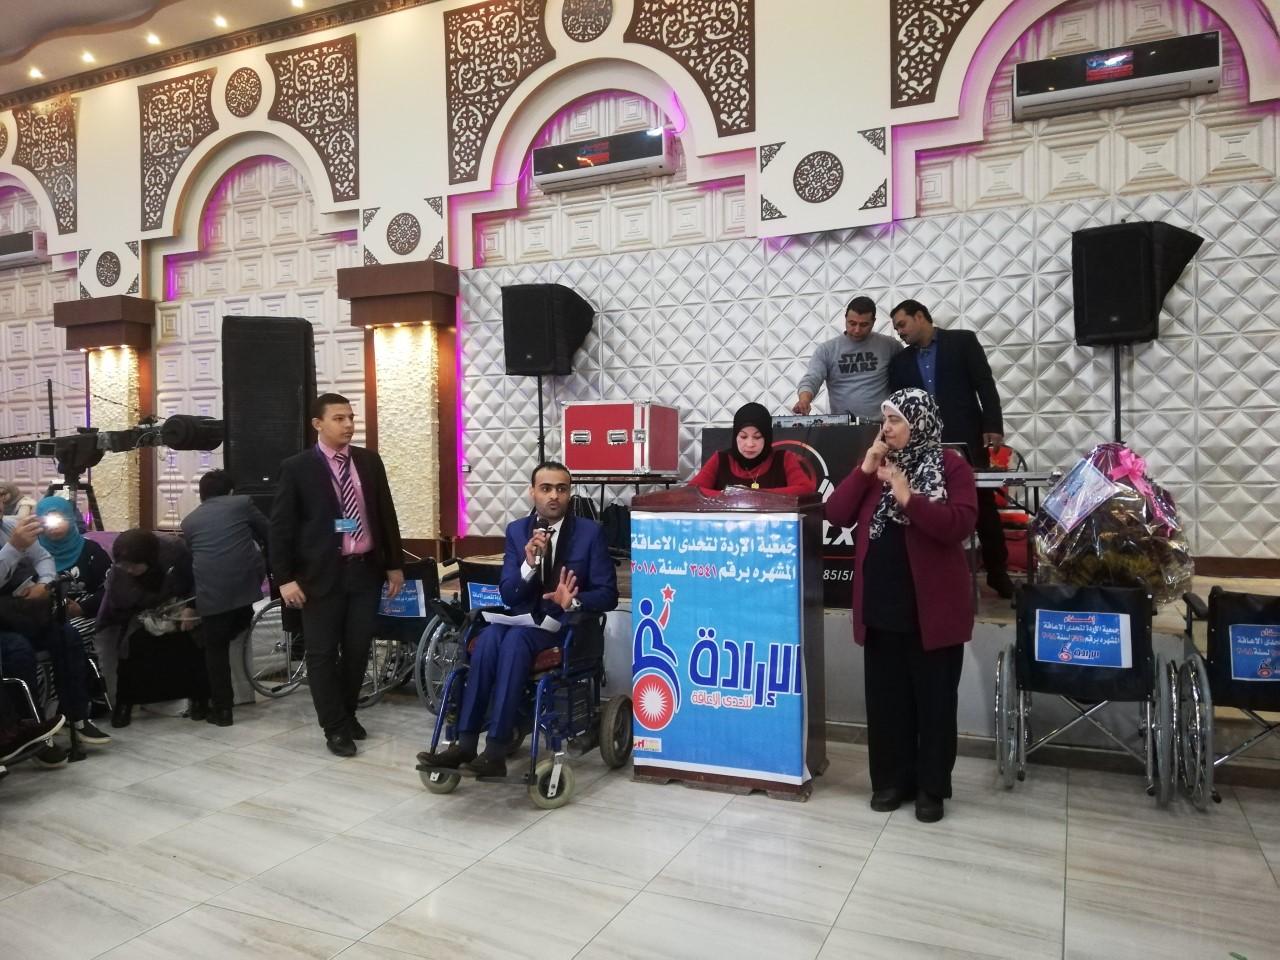 حفل تدشين جمعية الإرادة لمتحدي الإعاقة بأبوركبير